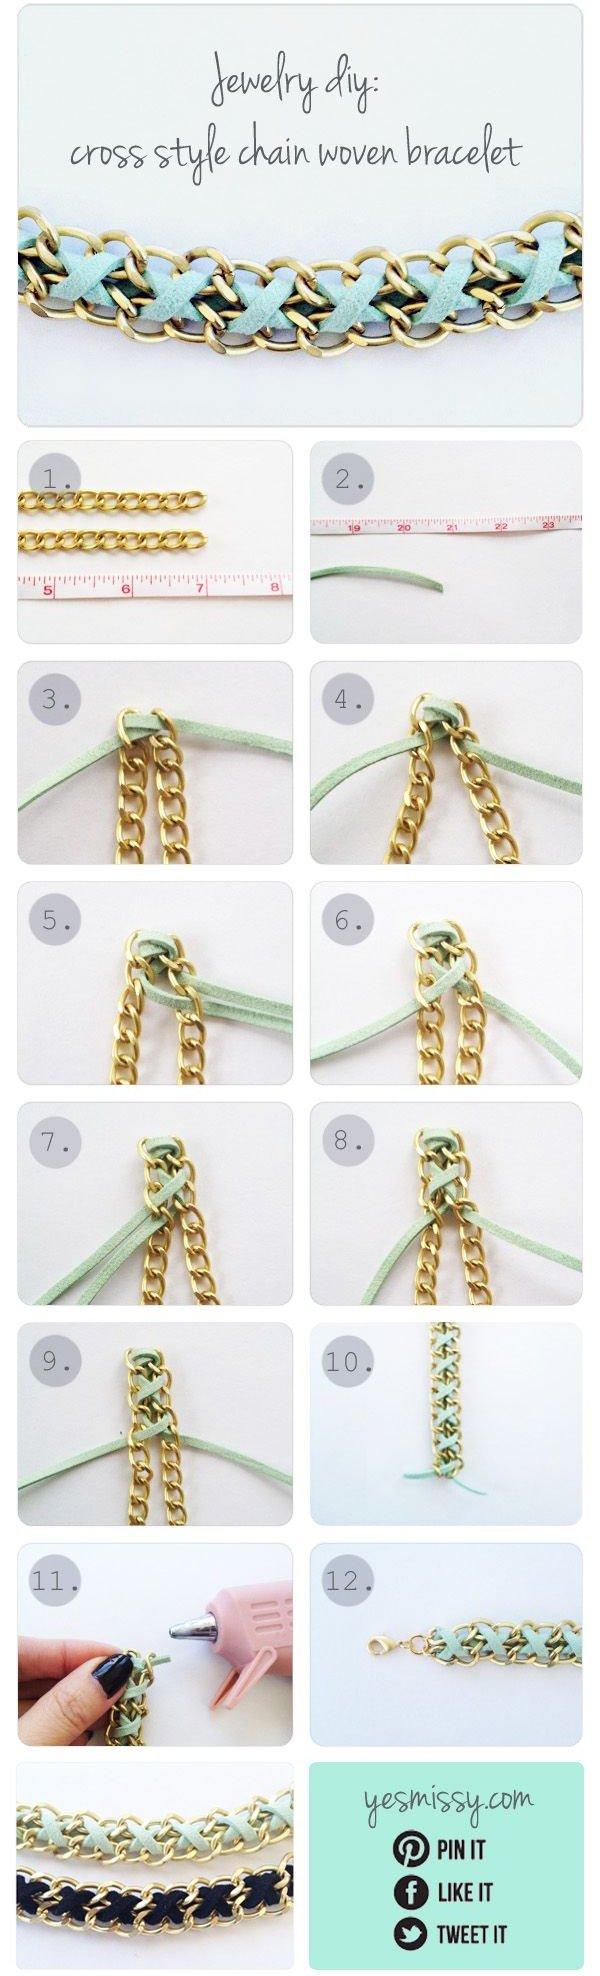 Cross Style Chain Woven Bracelet